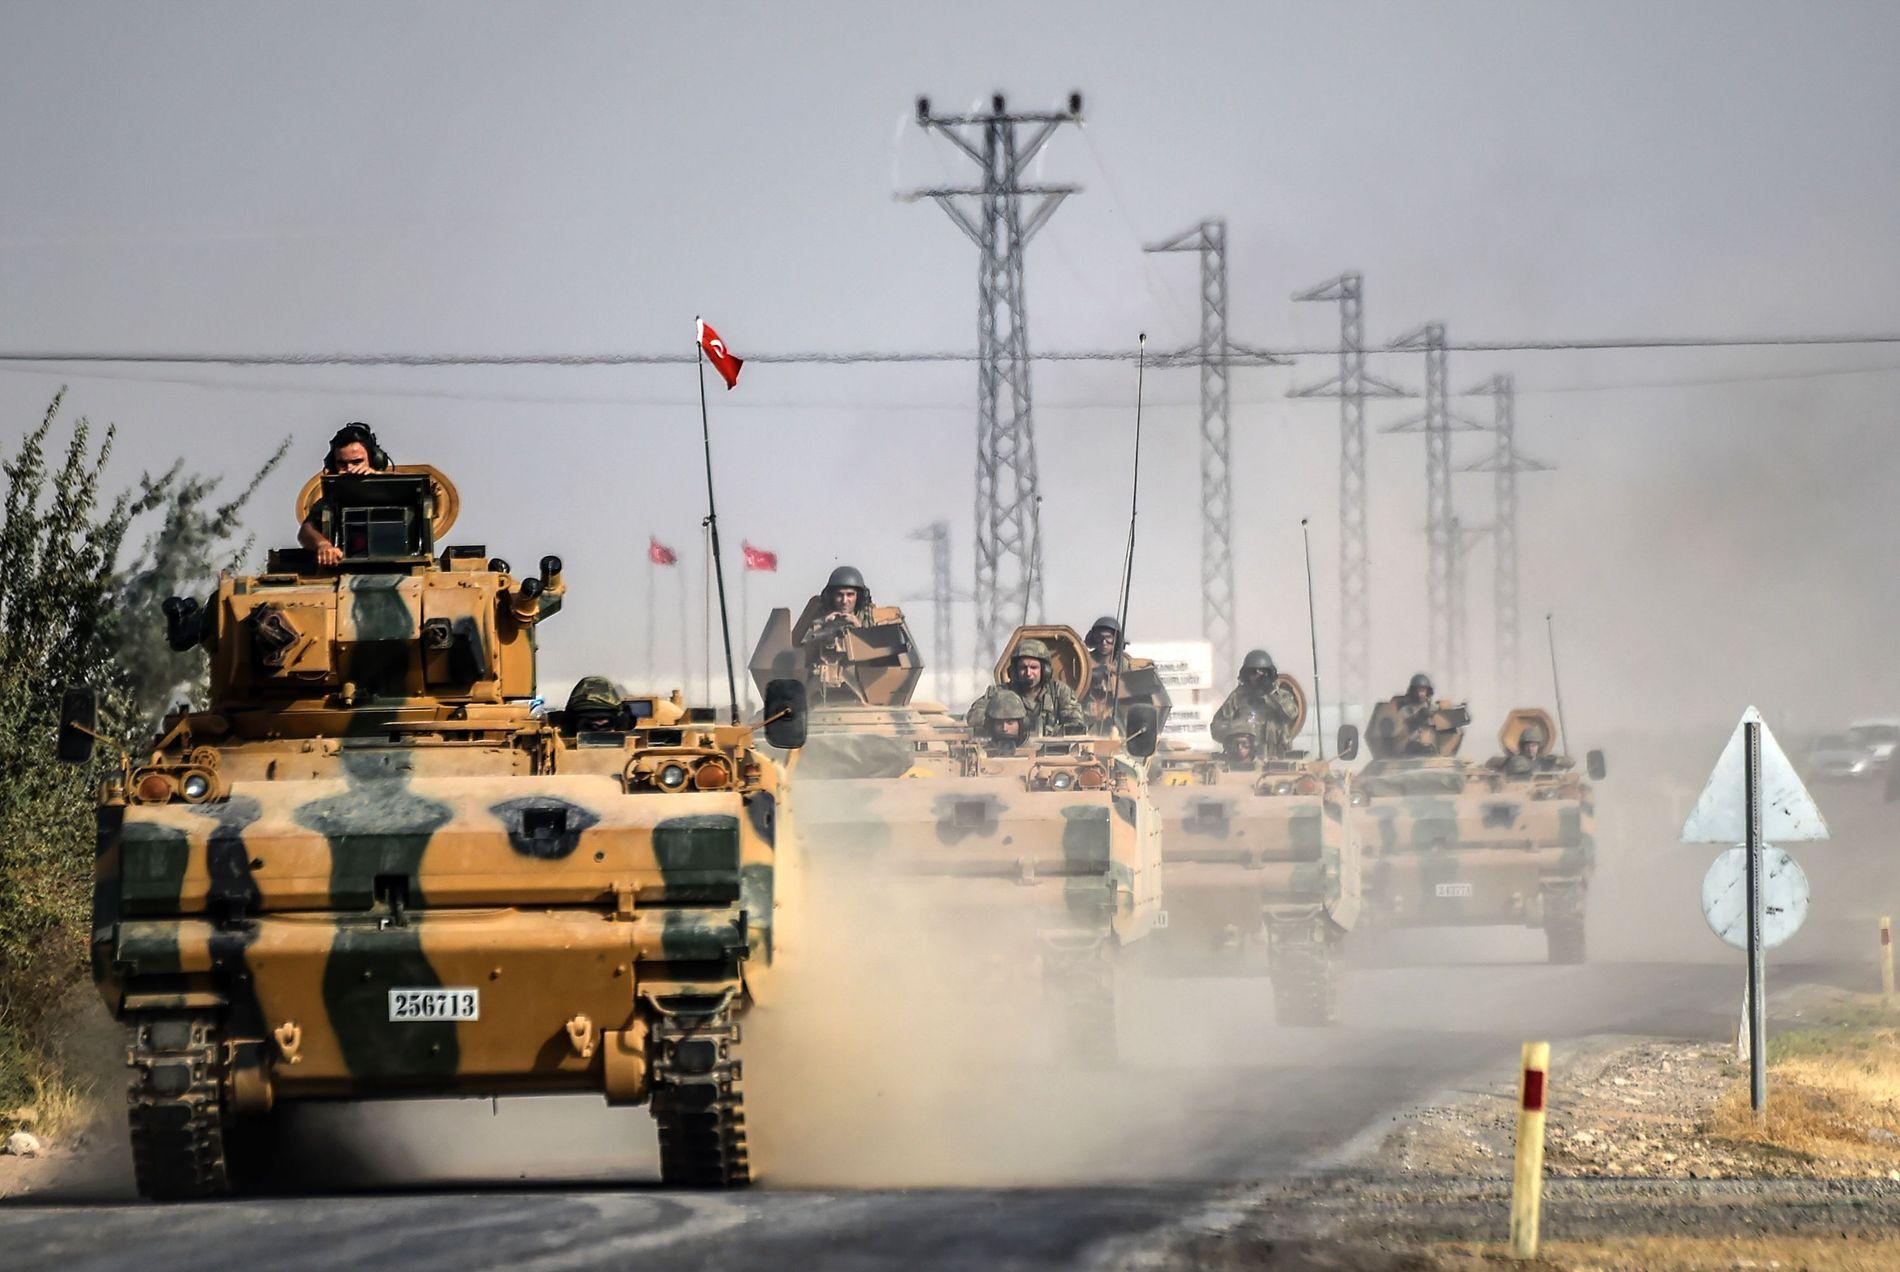 RYKKER FREM: Tyrkiske stridsvogner rykker frem torsdag morgen. Bildet er tatt rundt fem kilometer vest for den tyrkiske grensebyen Karkamis, på vei mot den syriske byen Jarablus, der Tyrkia igangsatte en omfattende offensiv på onsdag.